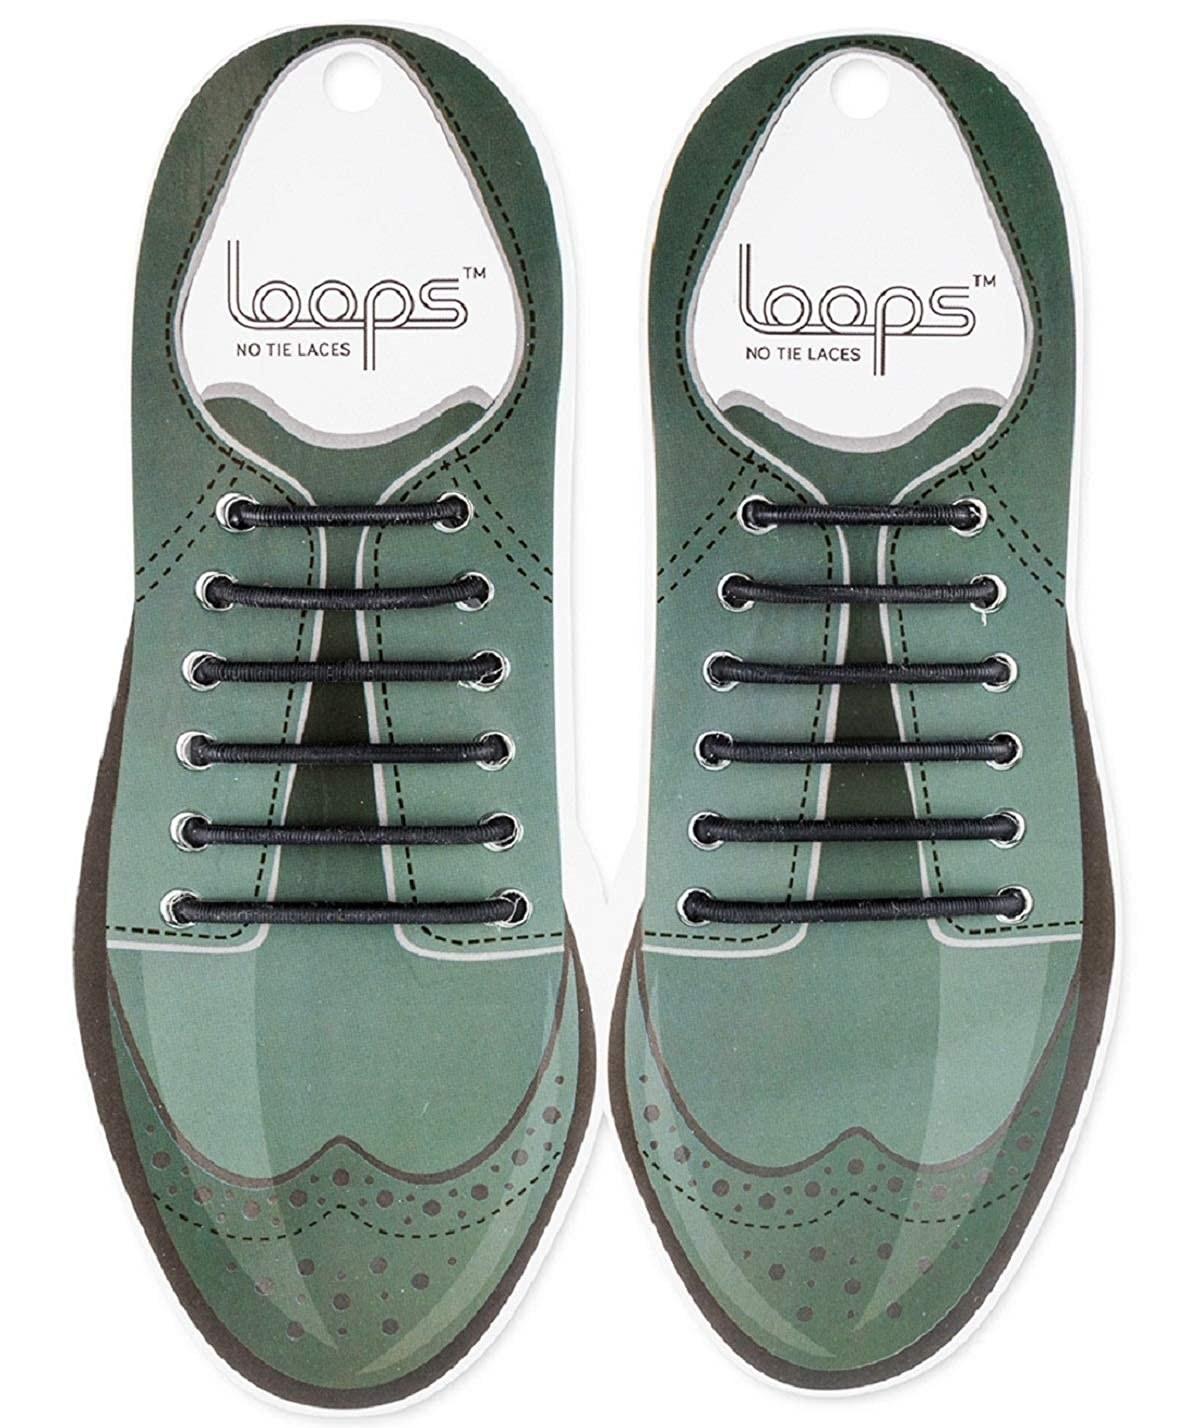 A pair of no-tie shoelaces